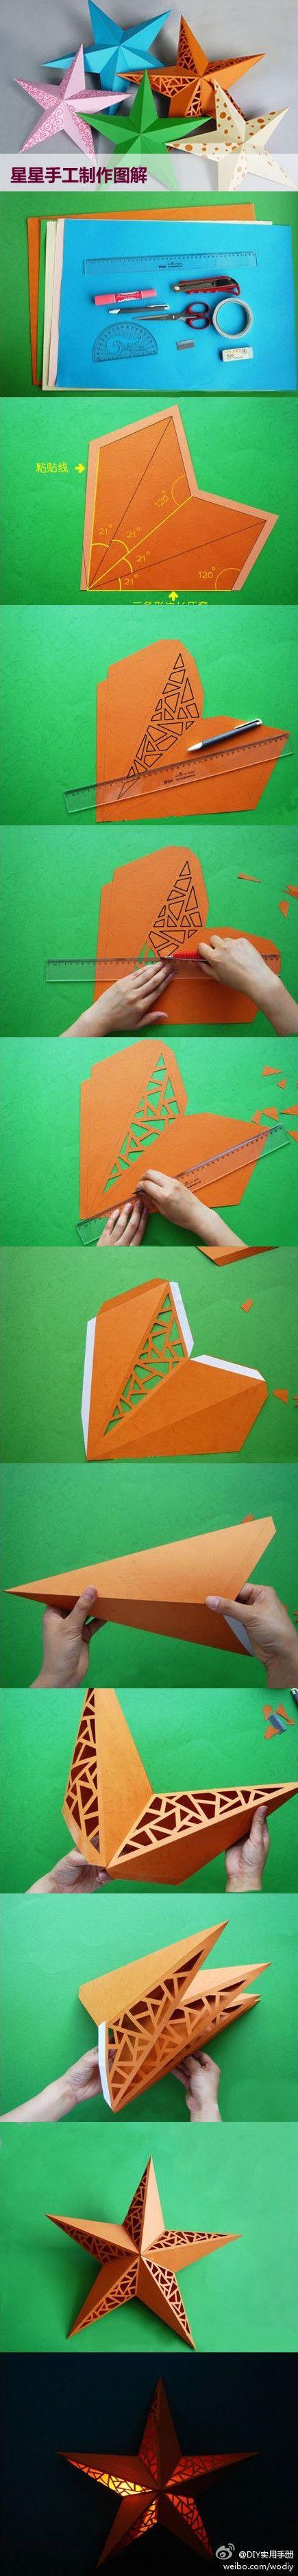 Weihnachten (Cool Easy Origami)